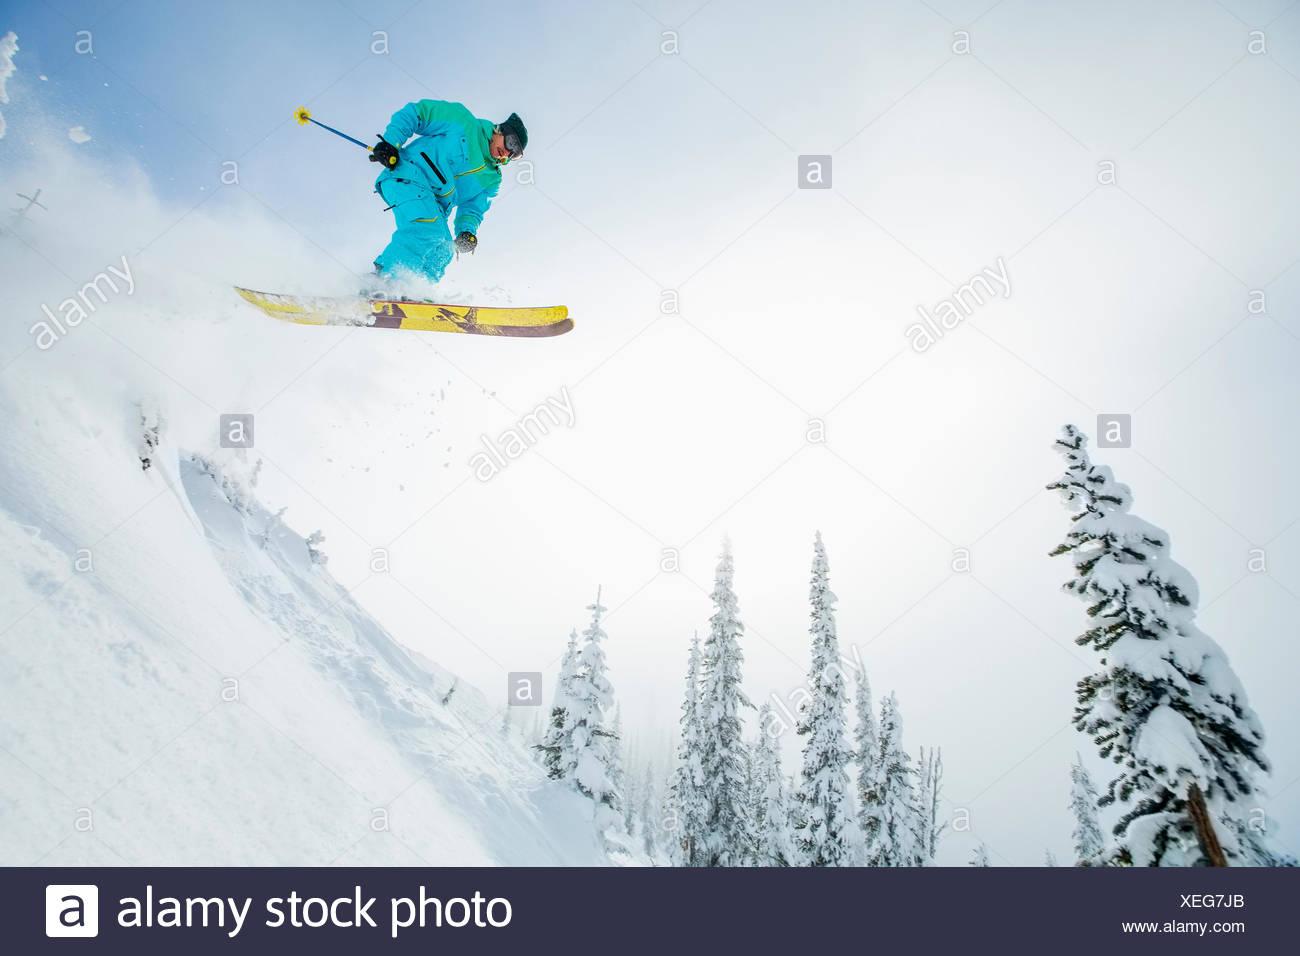 Jeune homme sautant d'une piste de ski Photo Stock